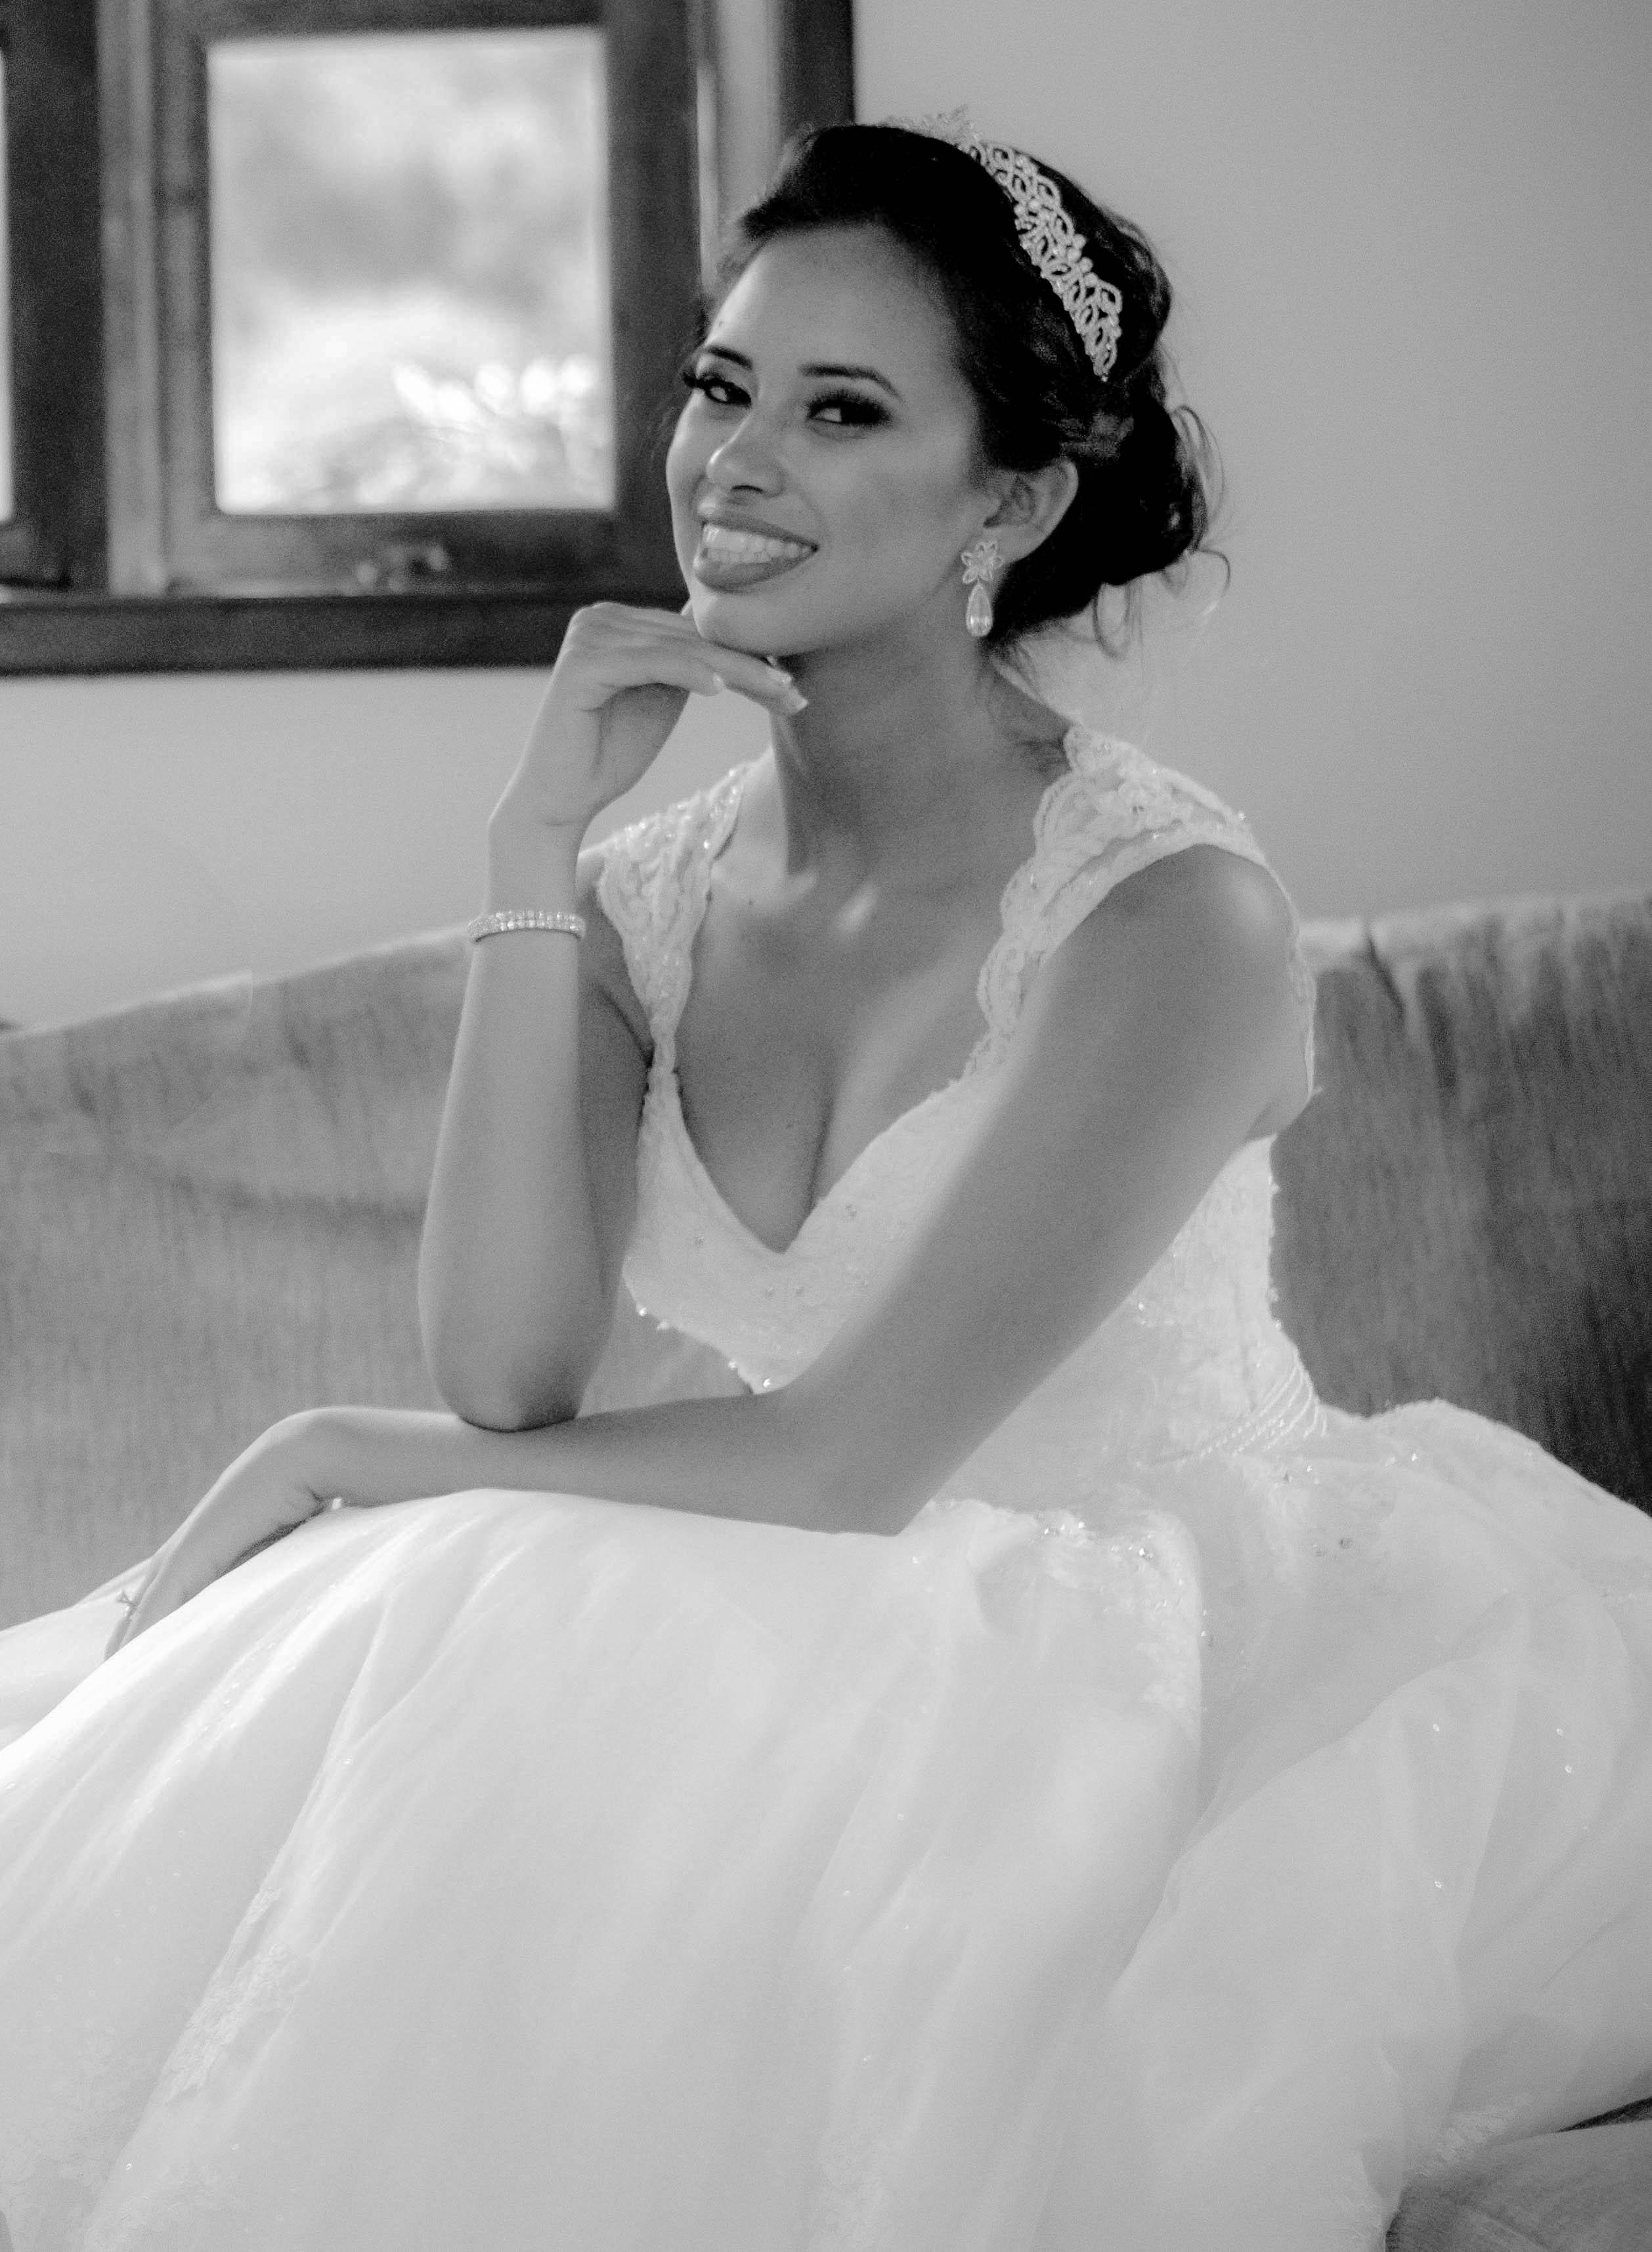 Fotografia de casamento Vitoria ES - Find a Click Fotografia casamento ES-35